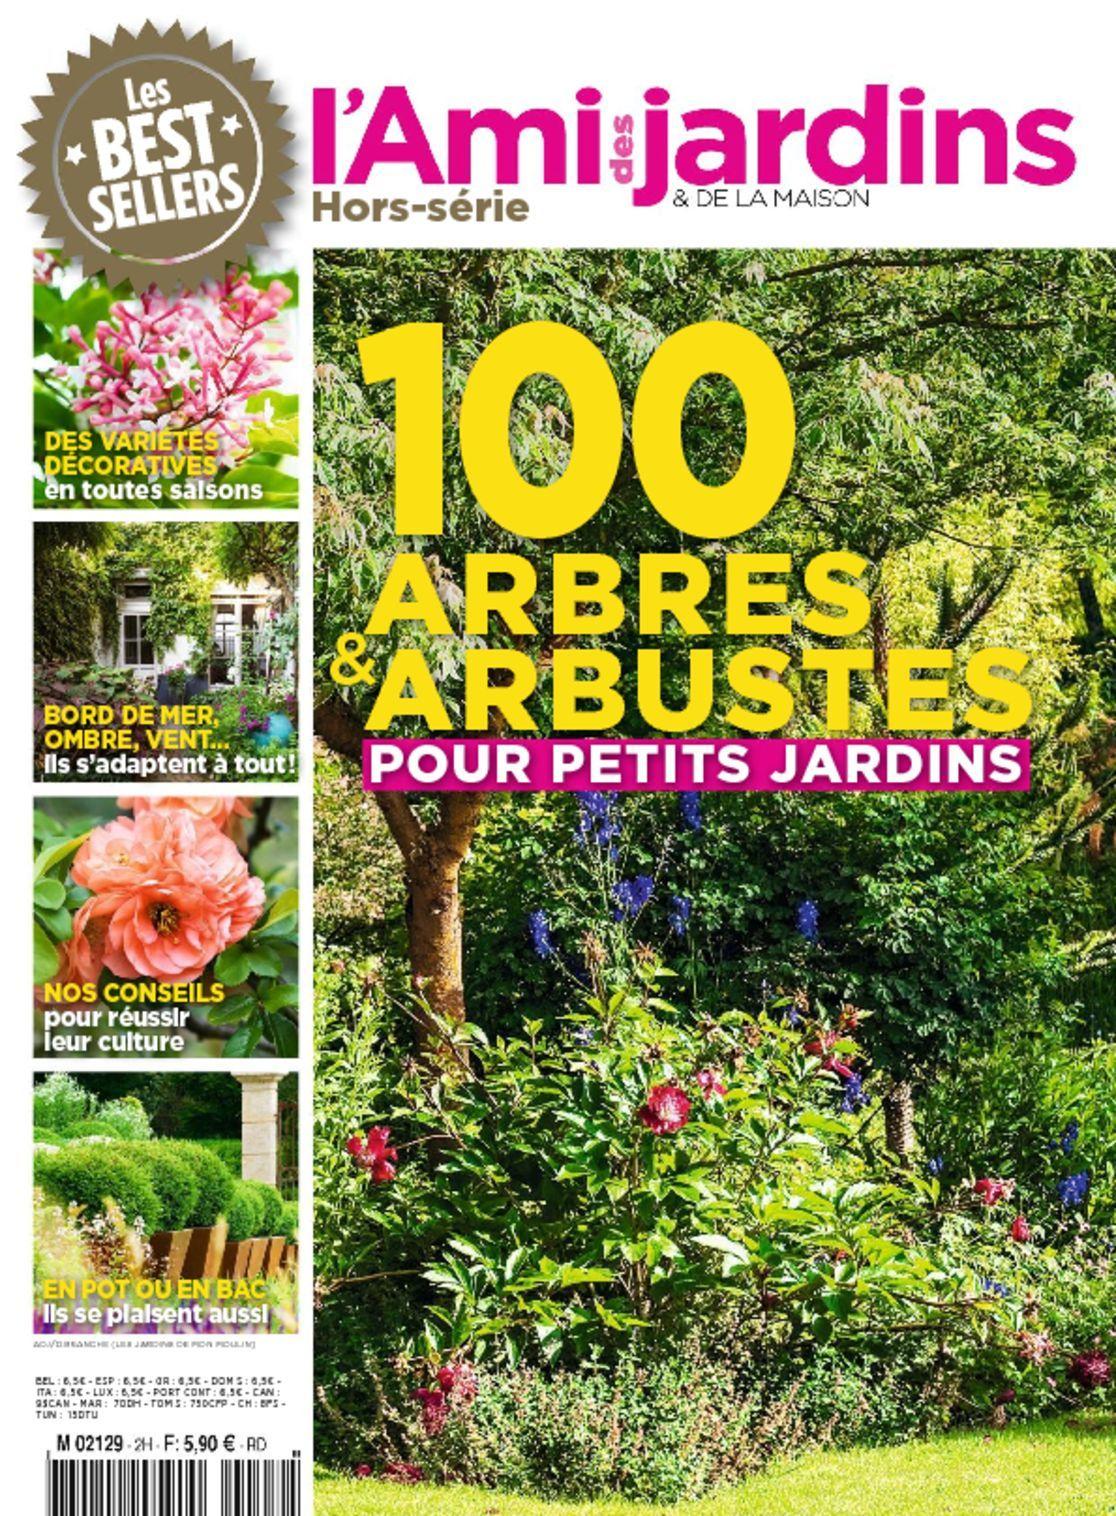 L'ami Des Jardins Hors-Série Best-Sellers Magazine Subscription (Digital) encequiconcerne L Ami Des Jardins Hors Série